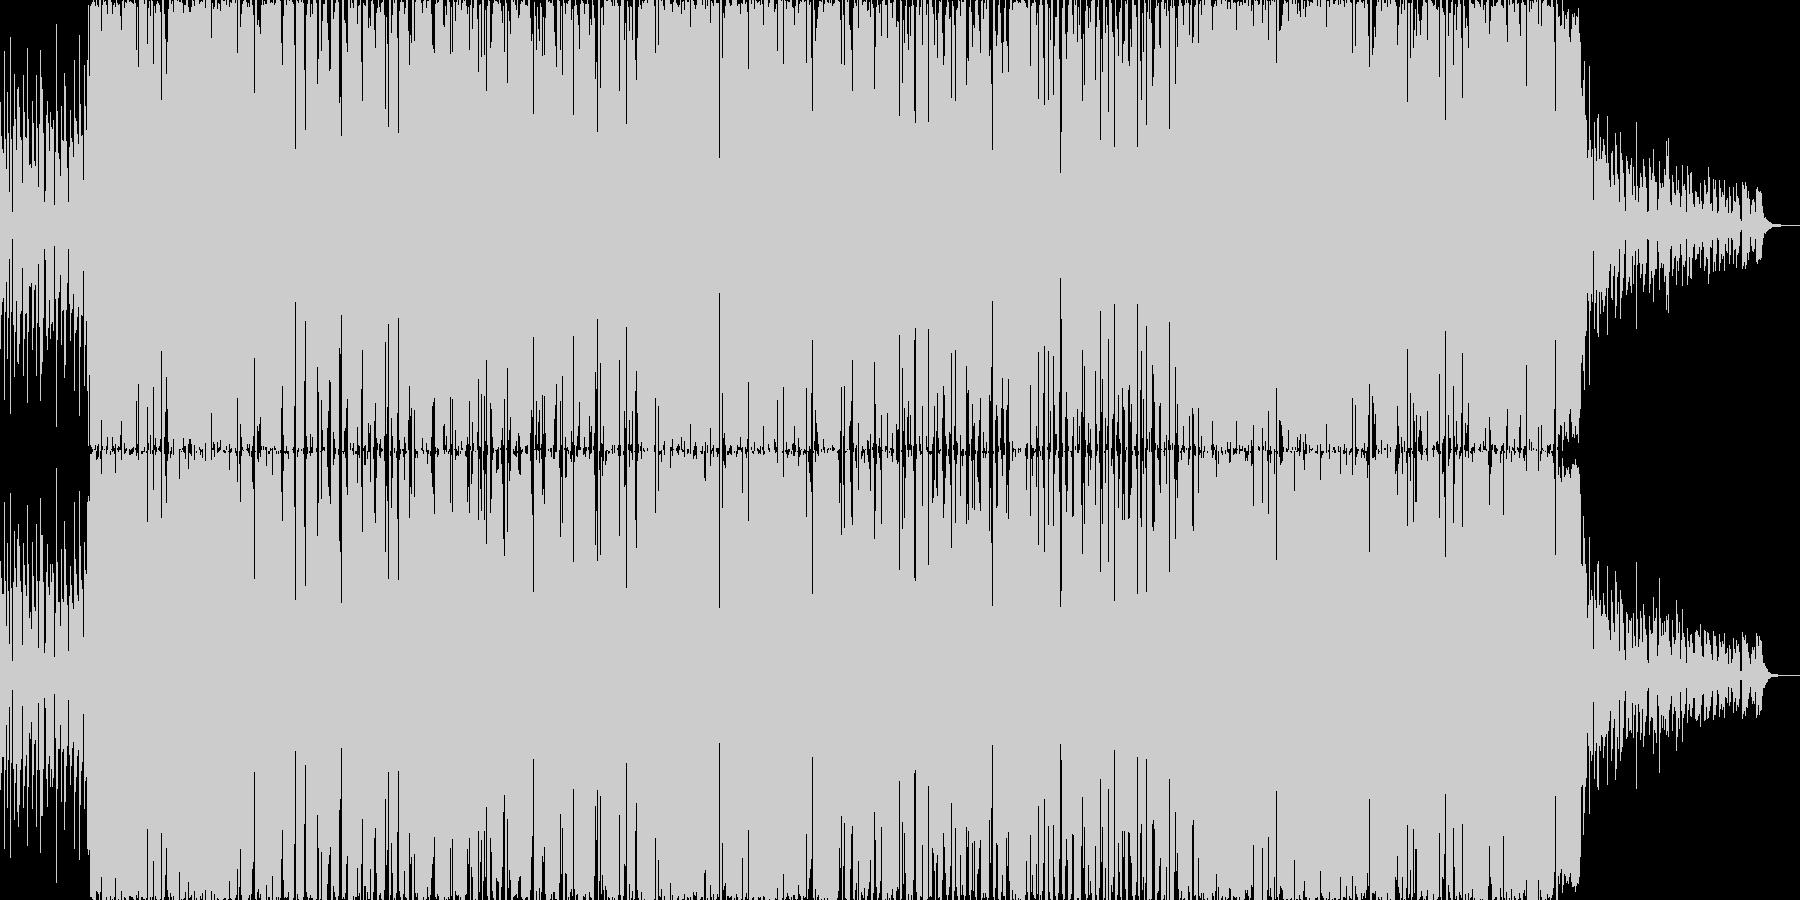 洋楽女性ボーカル 明るいPOPSONGの未再生の波形